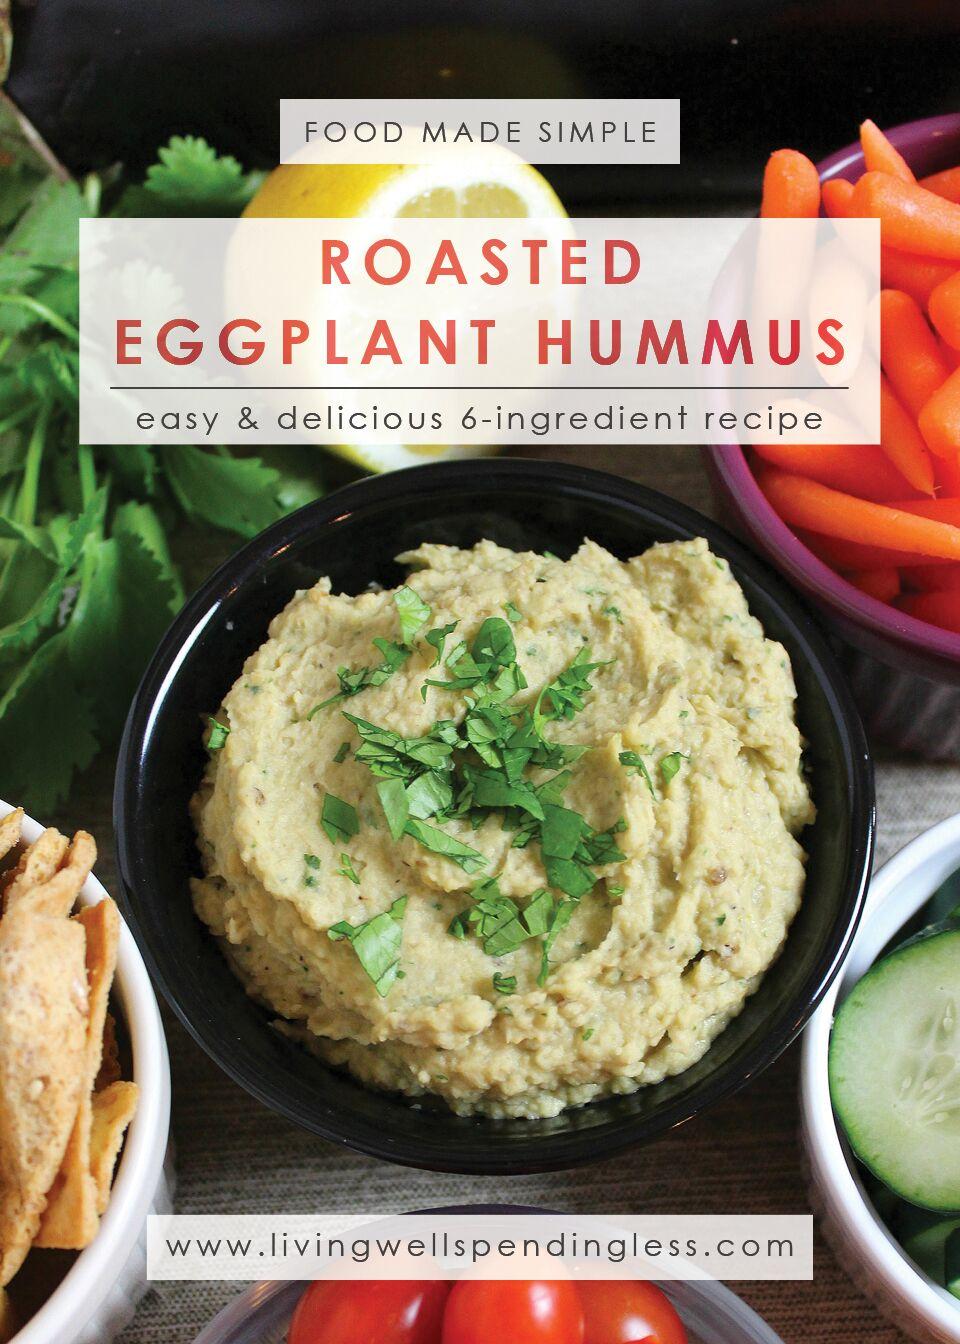 Roasted Eggplant Hummus | Homemade Hummus | Easy Hummus Recipe | 6 Ingredient Hummus | Food Made Simple